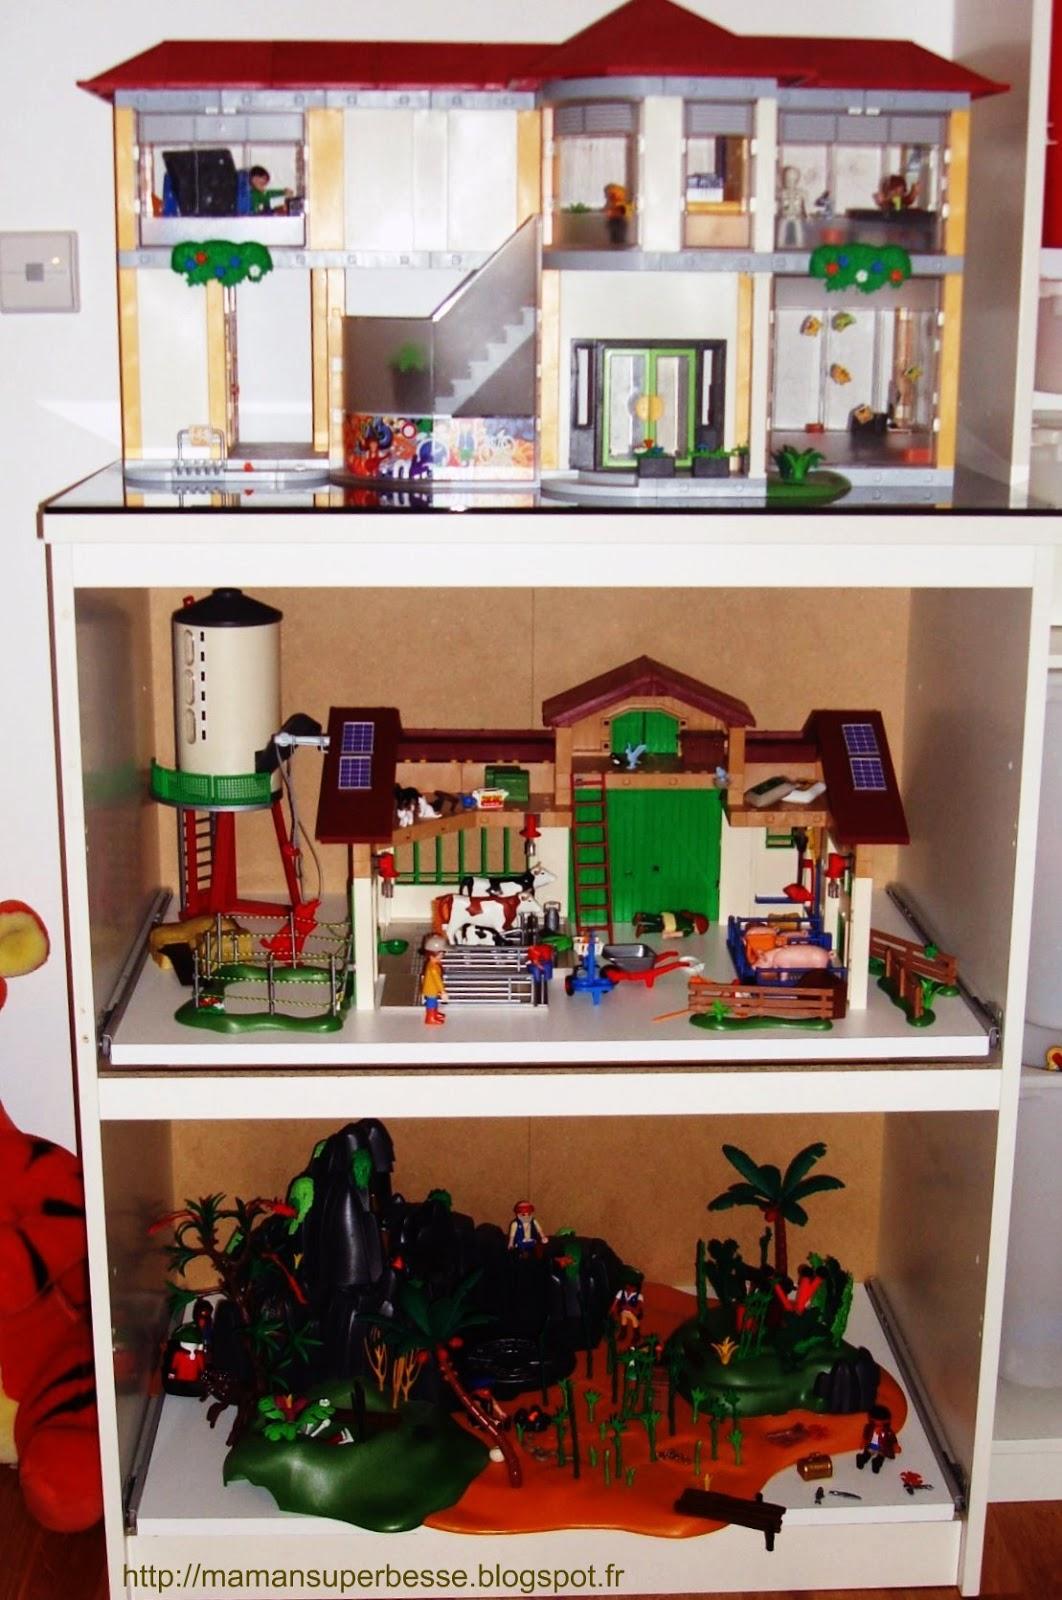 Meuble playmobil organisation pr t jouer y 39 a maman for Pret caf pour meuble